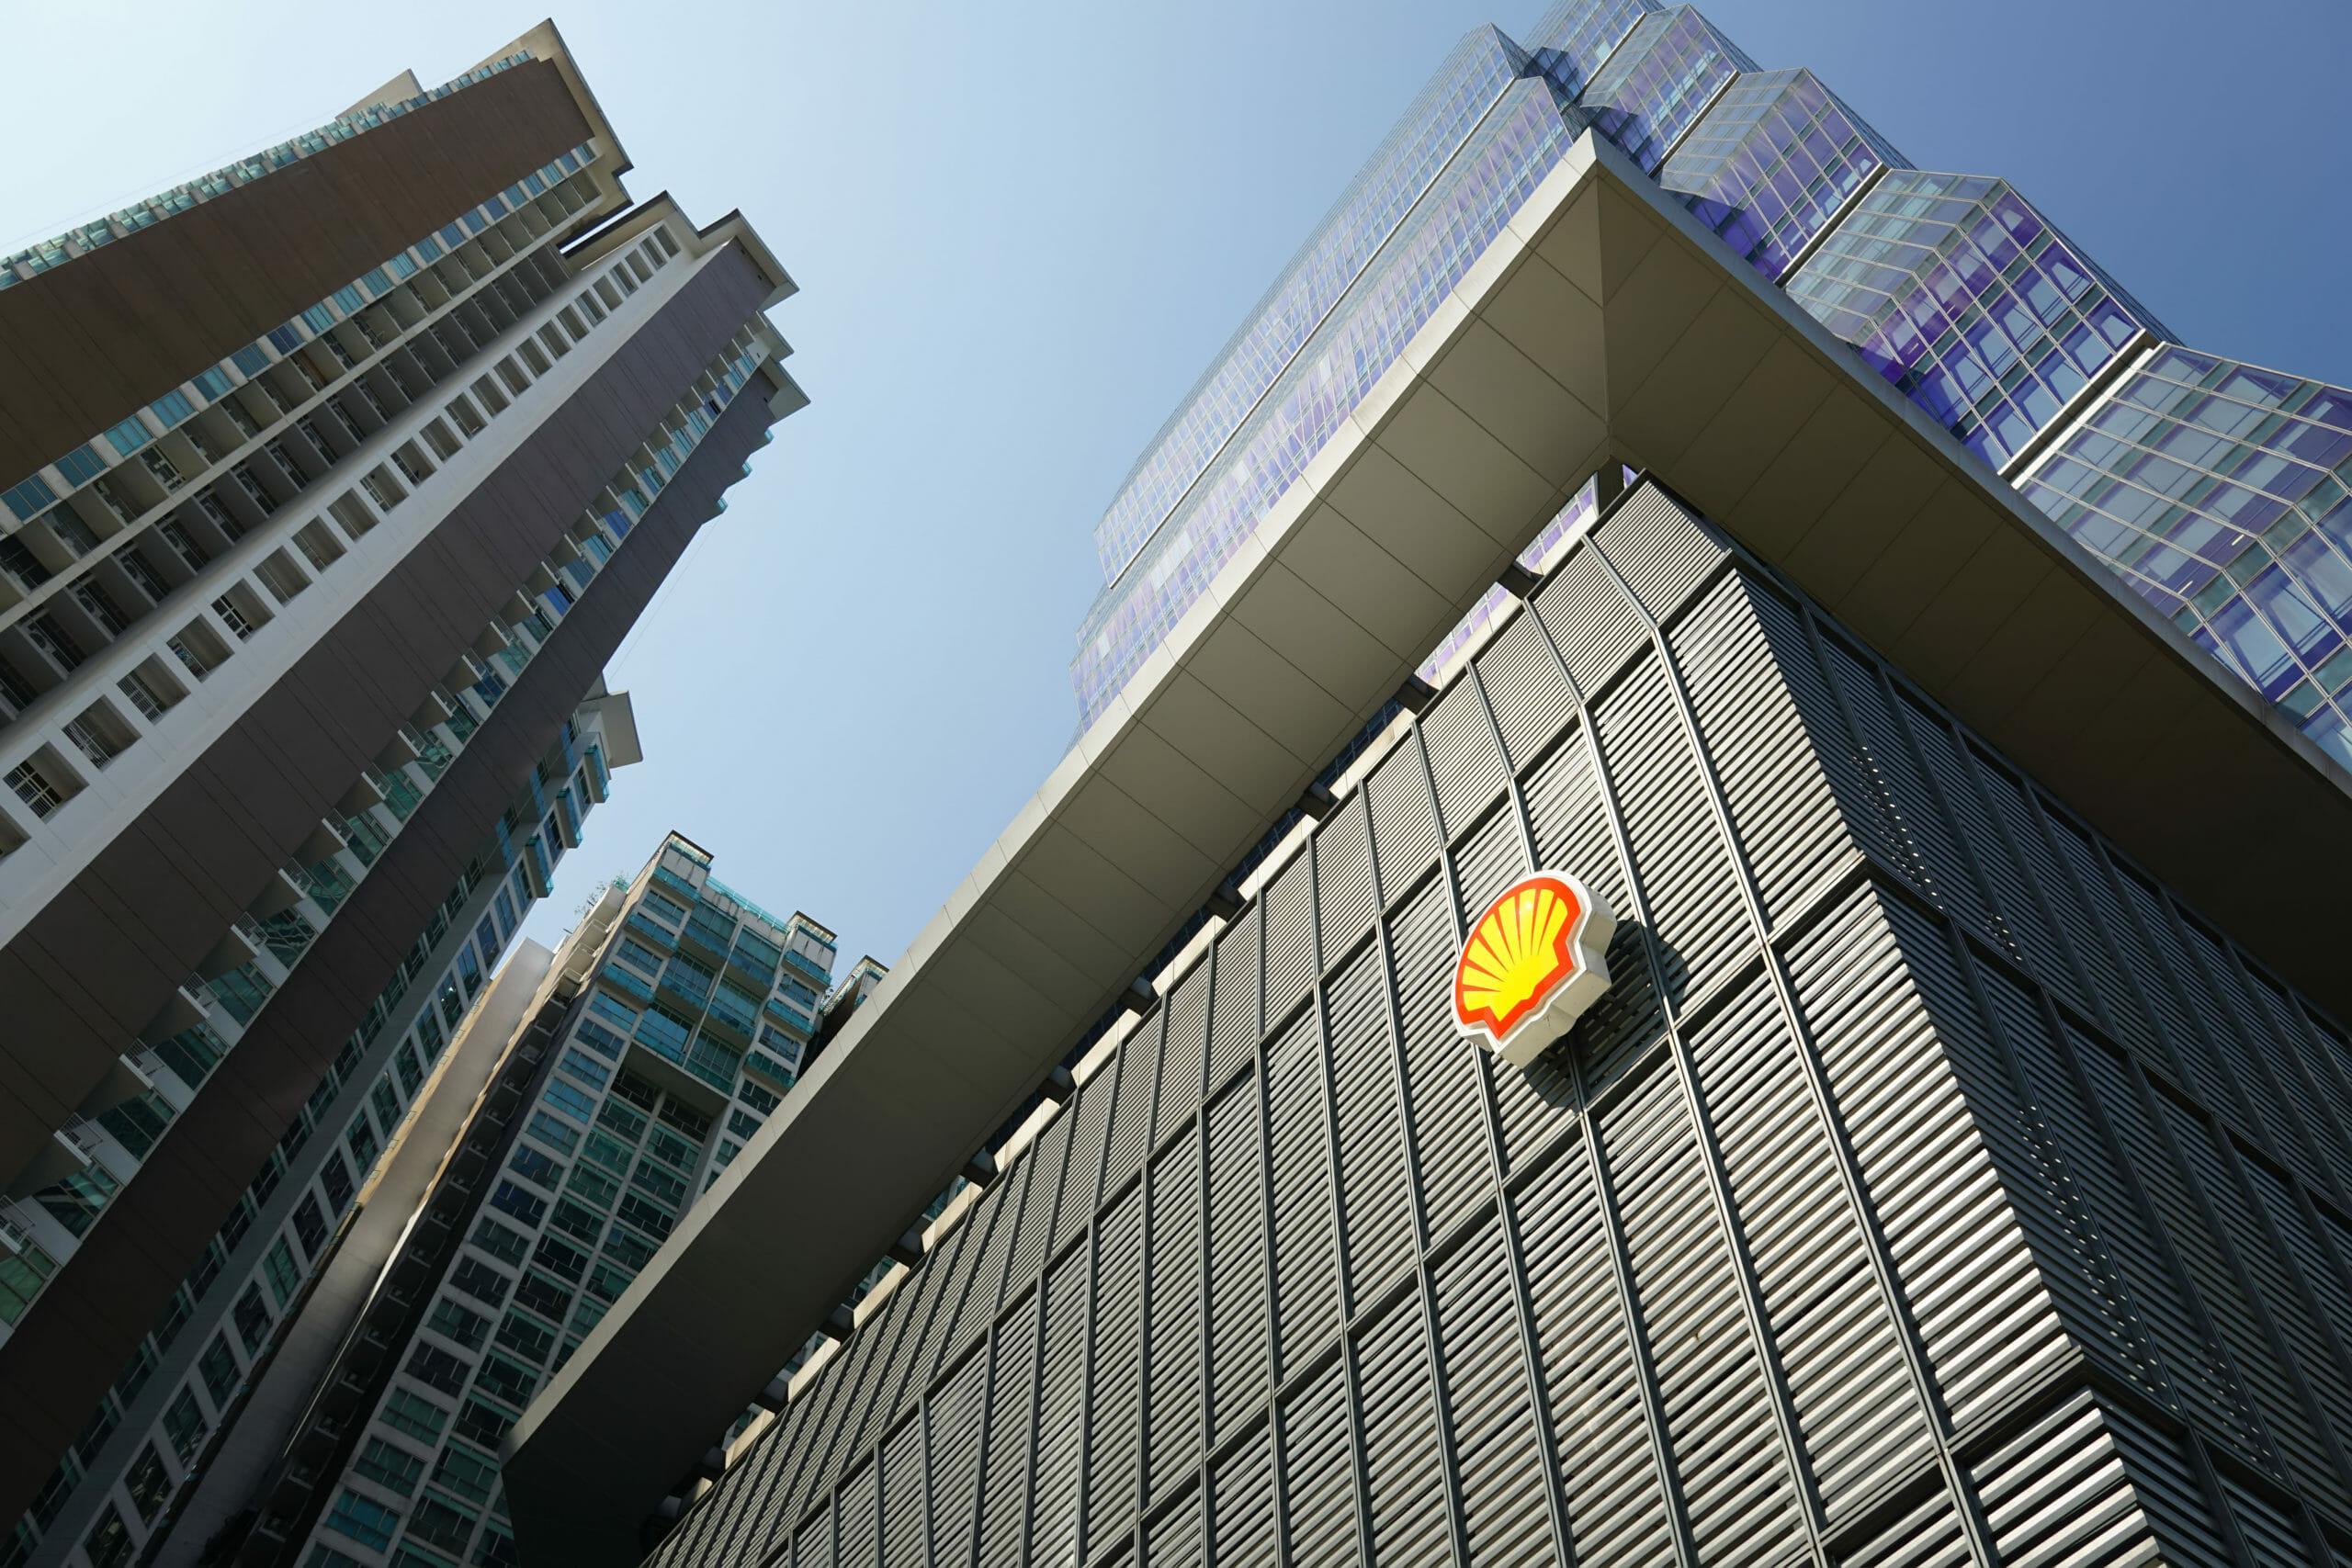 Hollandsk domstol beordrer Shell til at nedbringe drivhusgasser